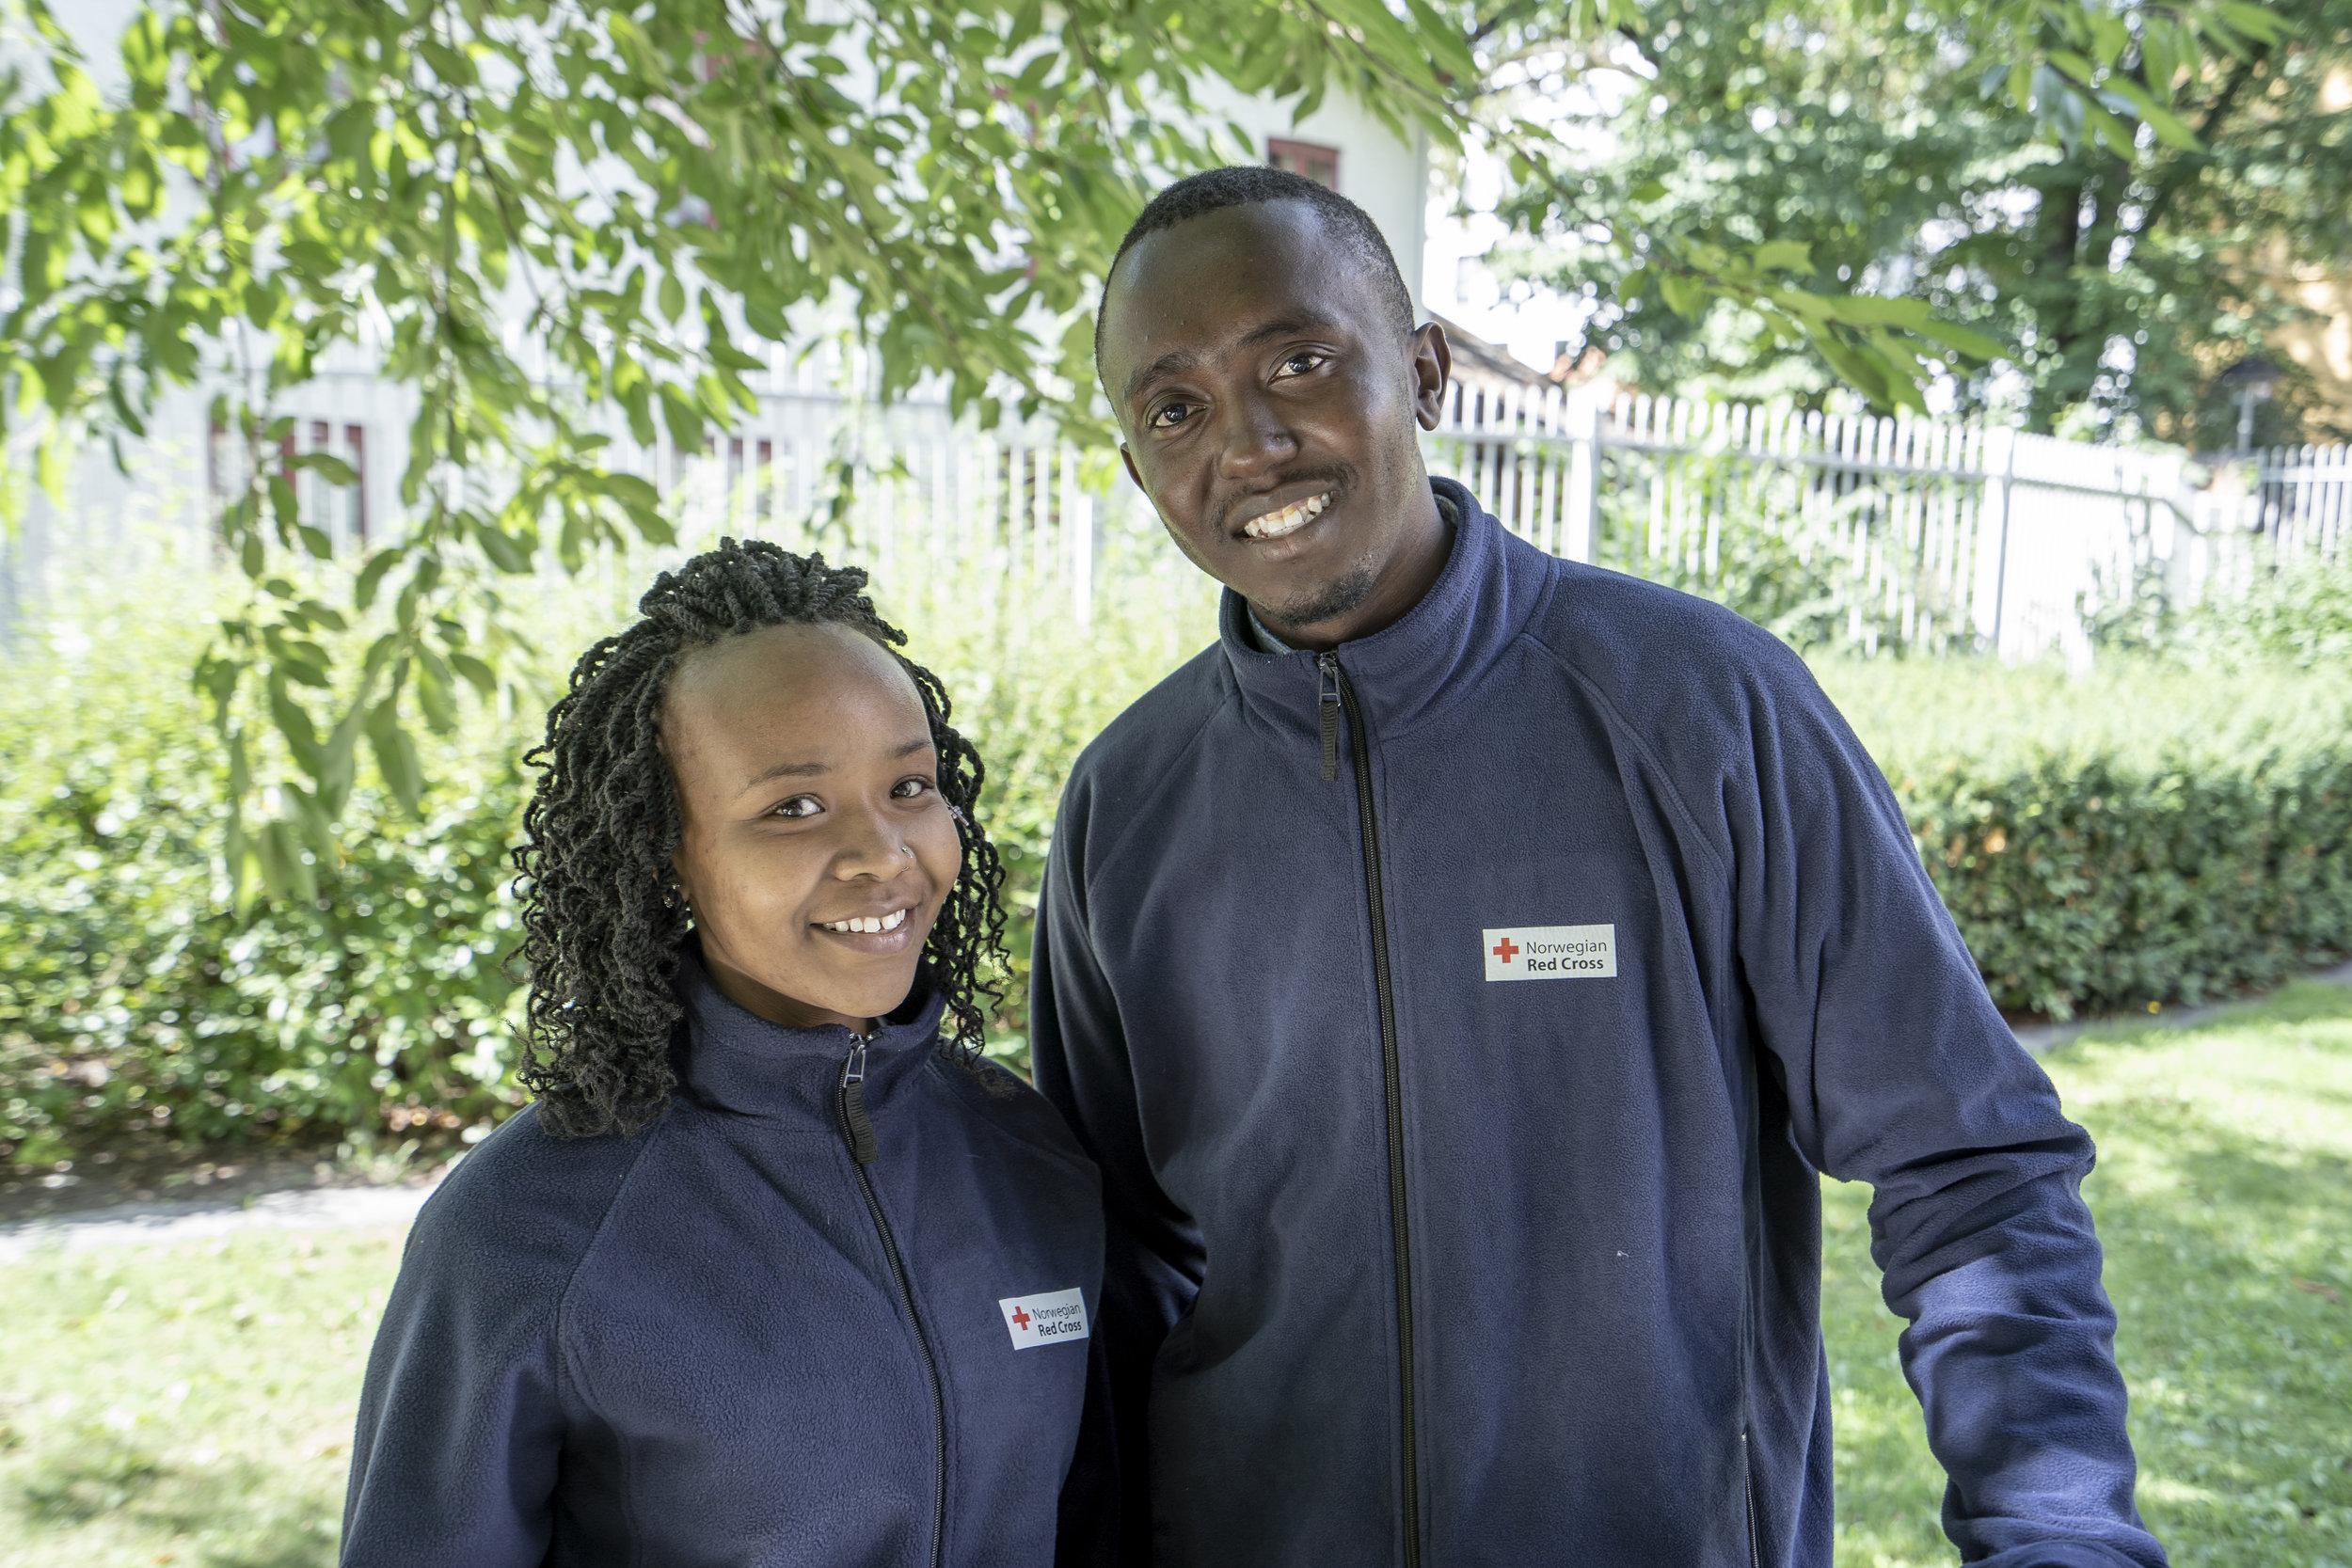 Teresa and Eugene Youth Delegates from Kenia in Akershus. PHOTO Olav Saltbones/Røde Kors